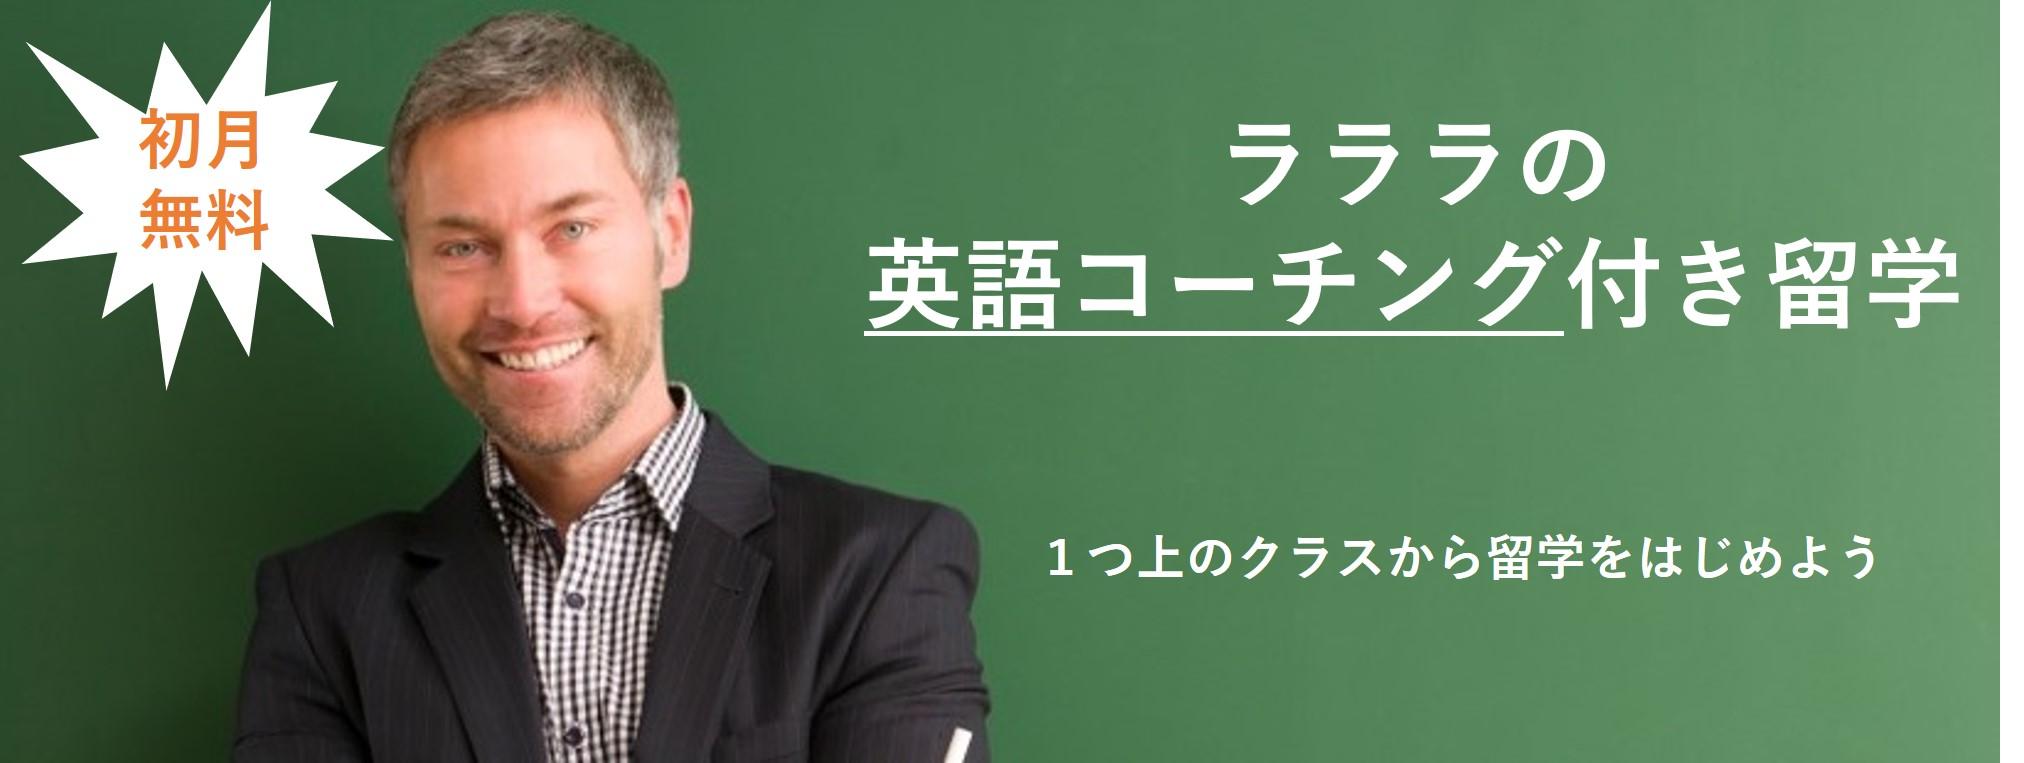 英語コーチング付き留学